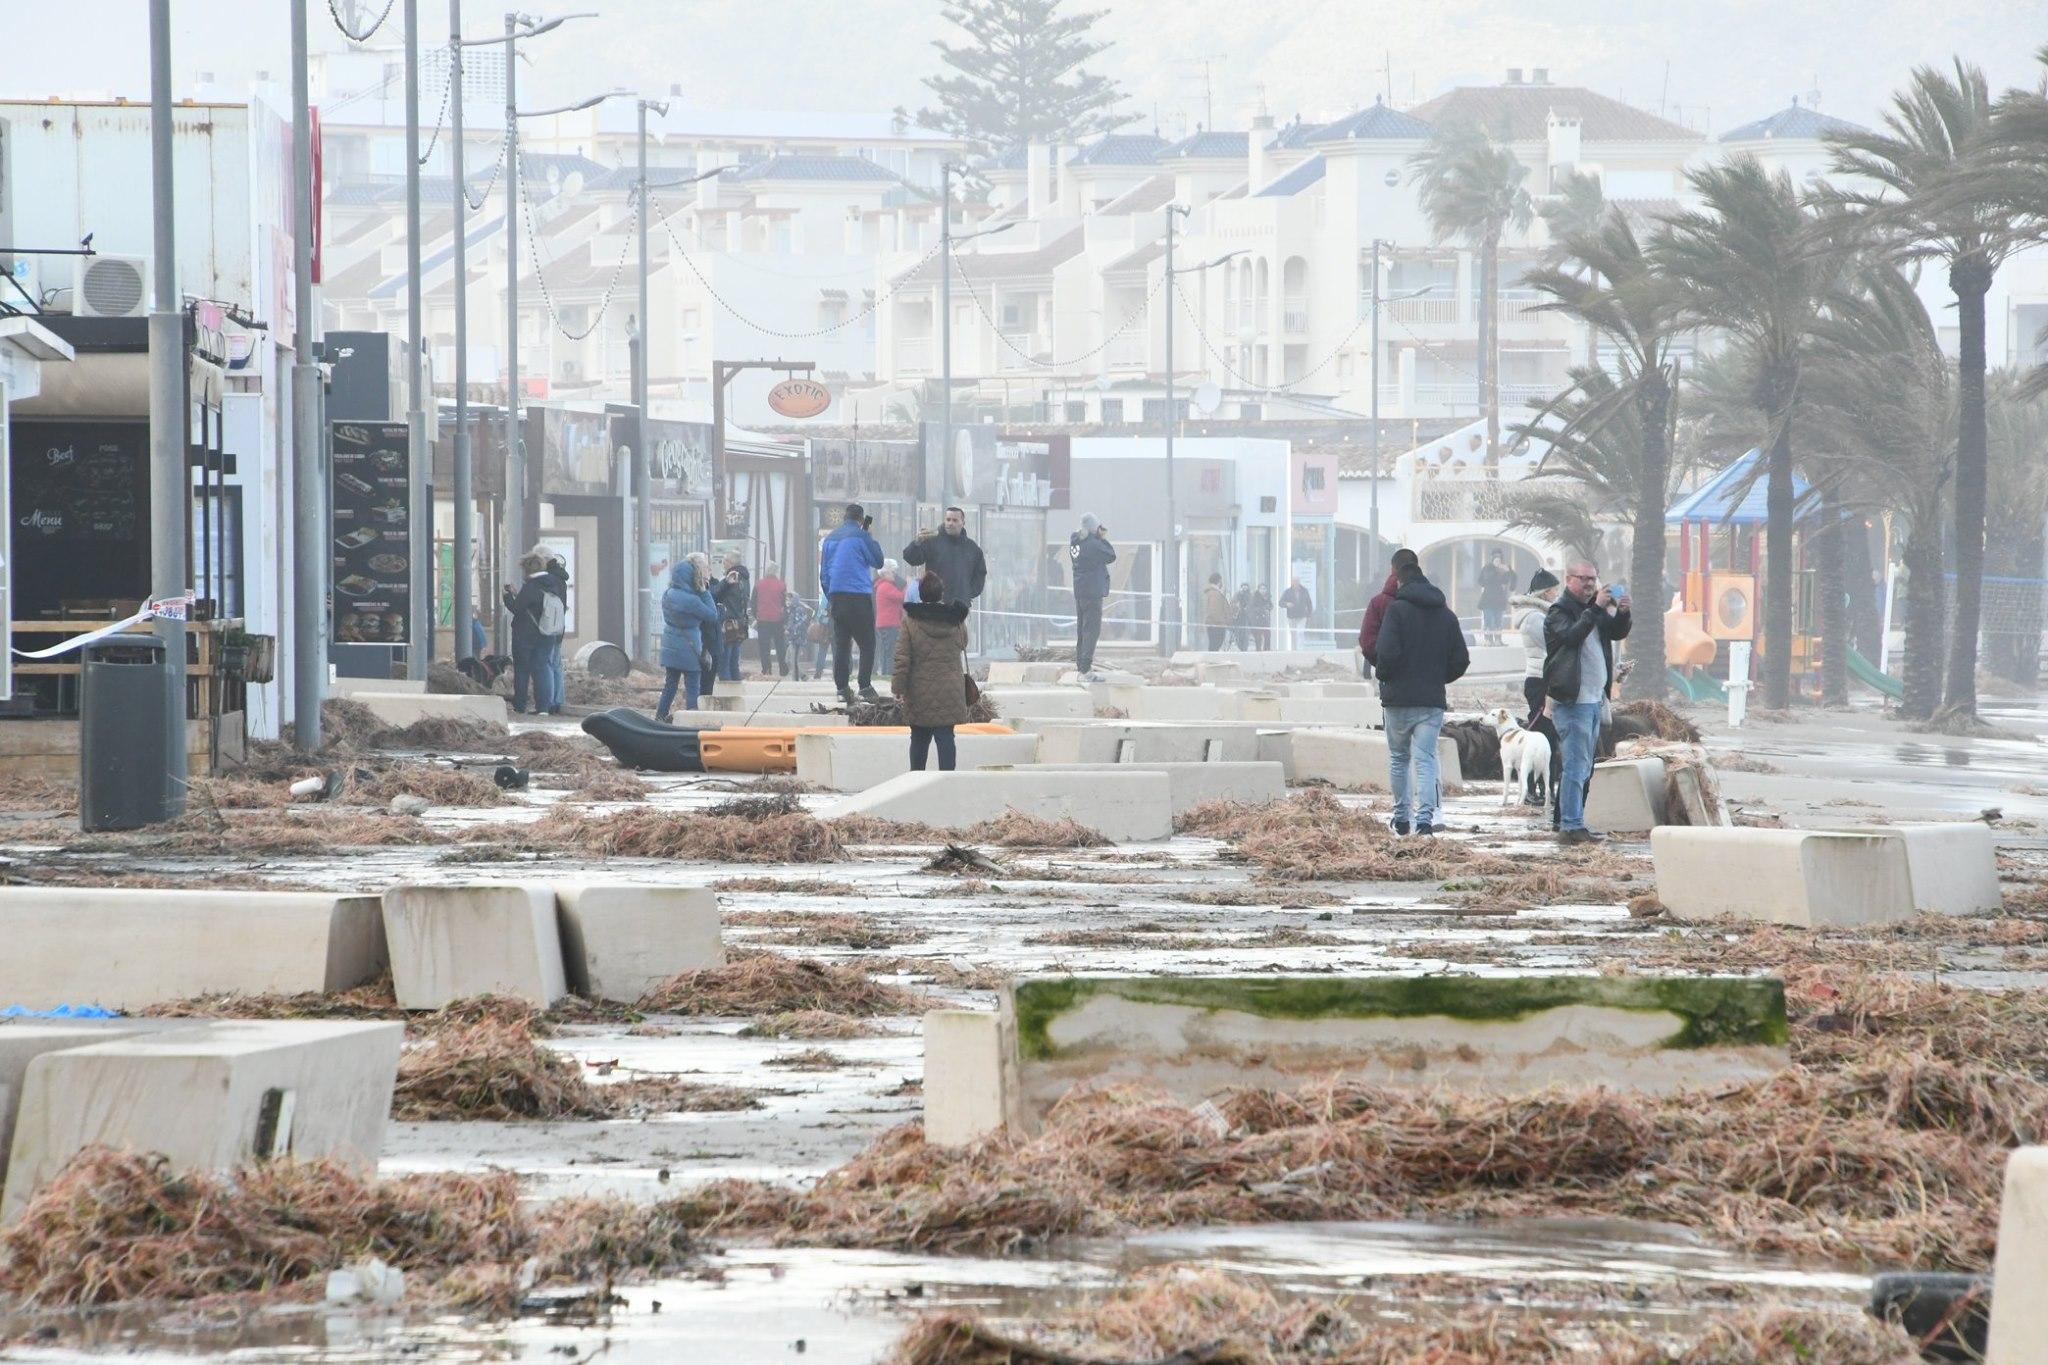 Javea seafront